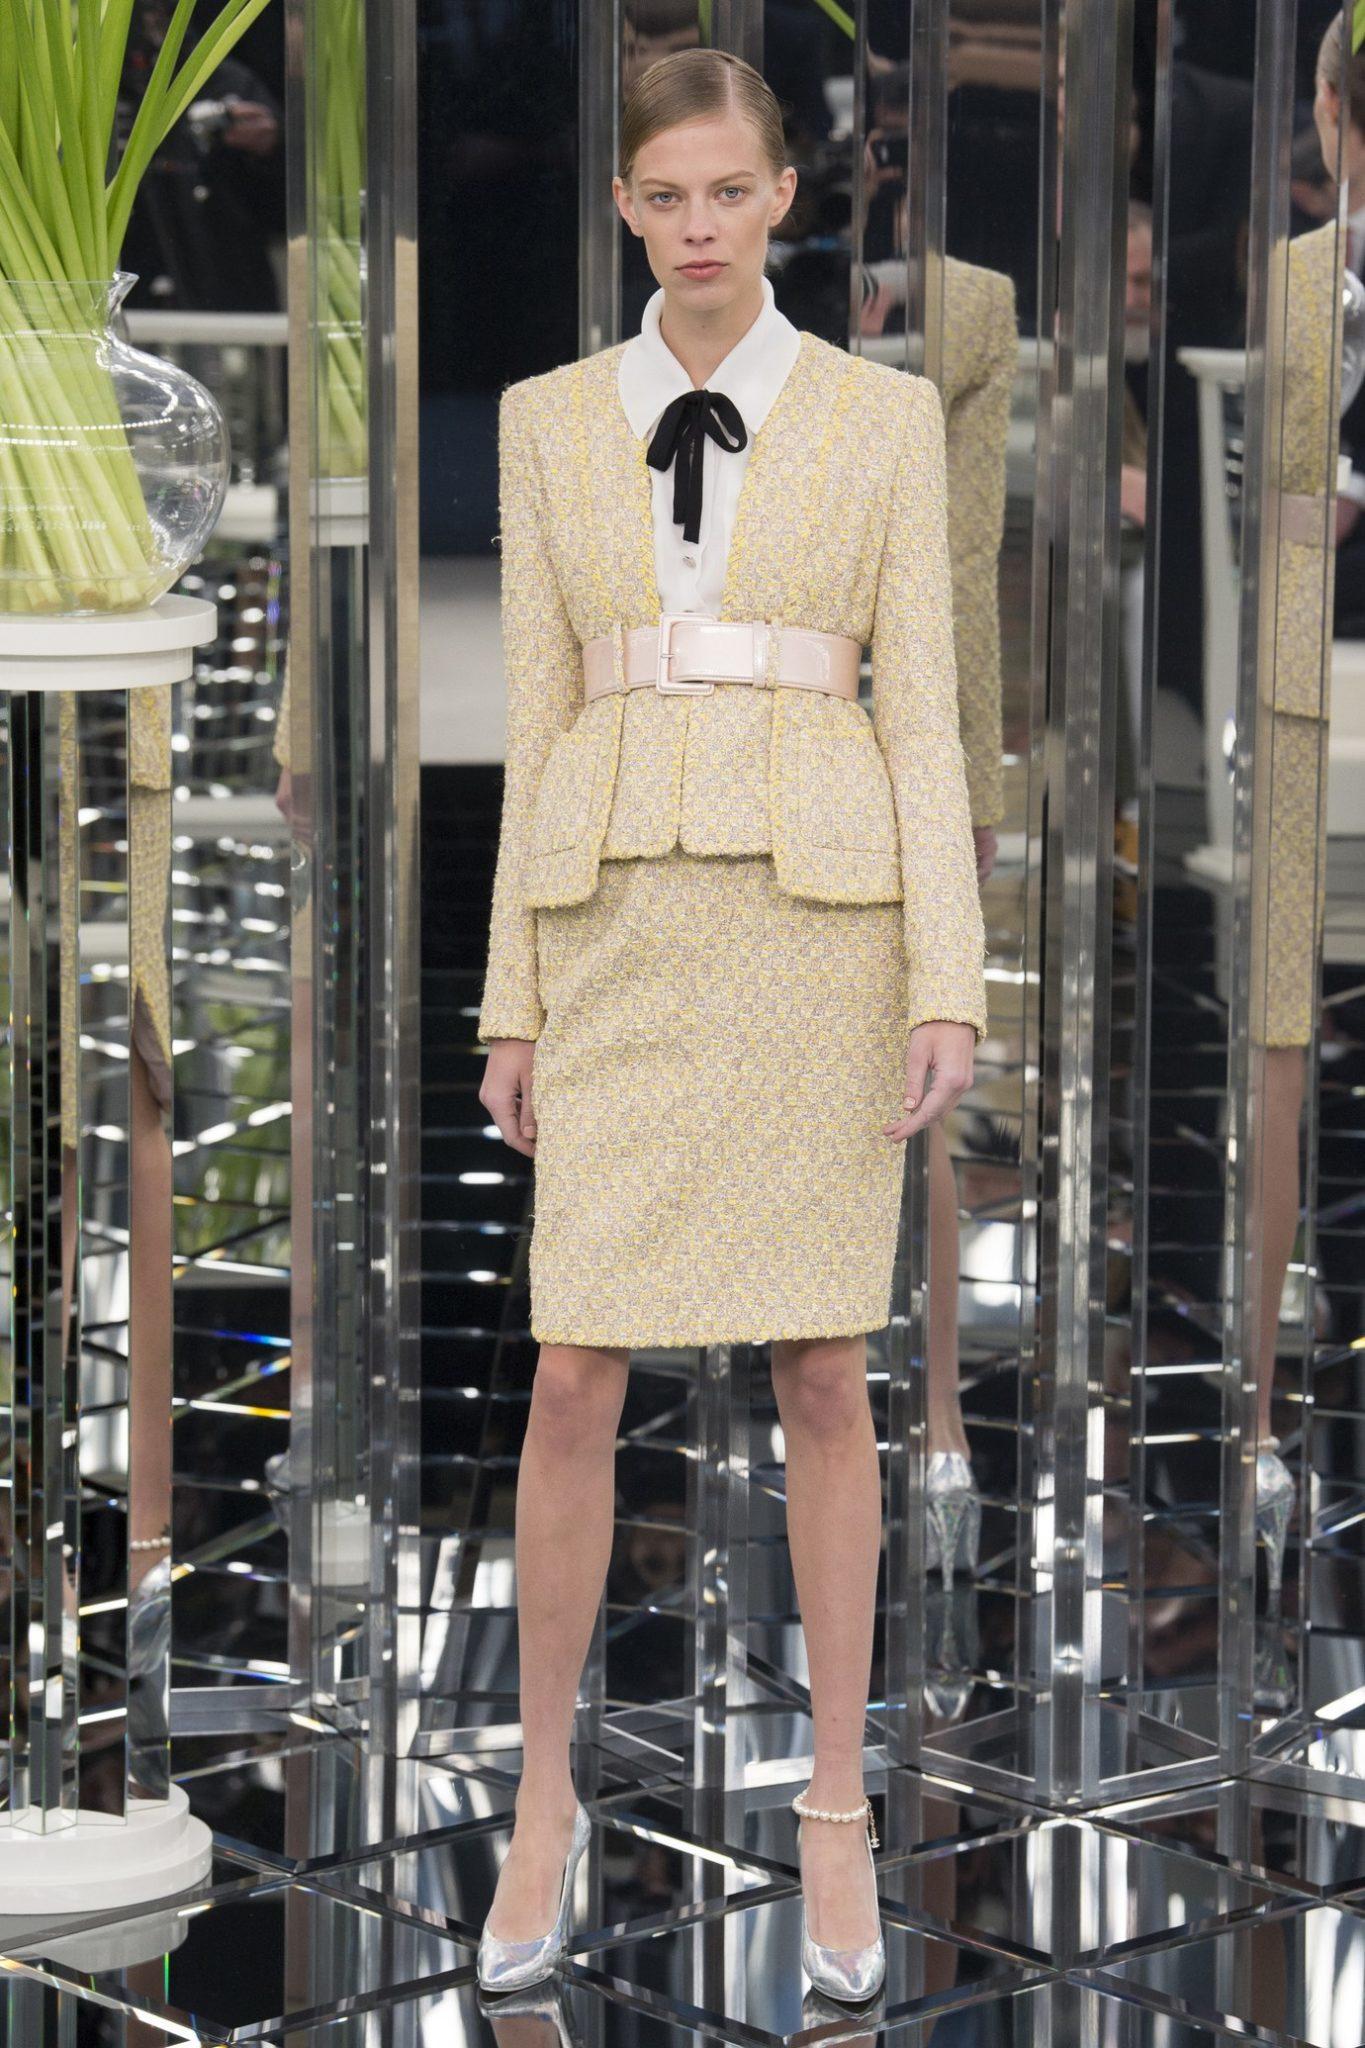 CHANEL Haute couture SS printemps été 2017 Esprit de Gabrielle espritdegabrielle.com